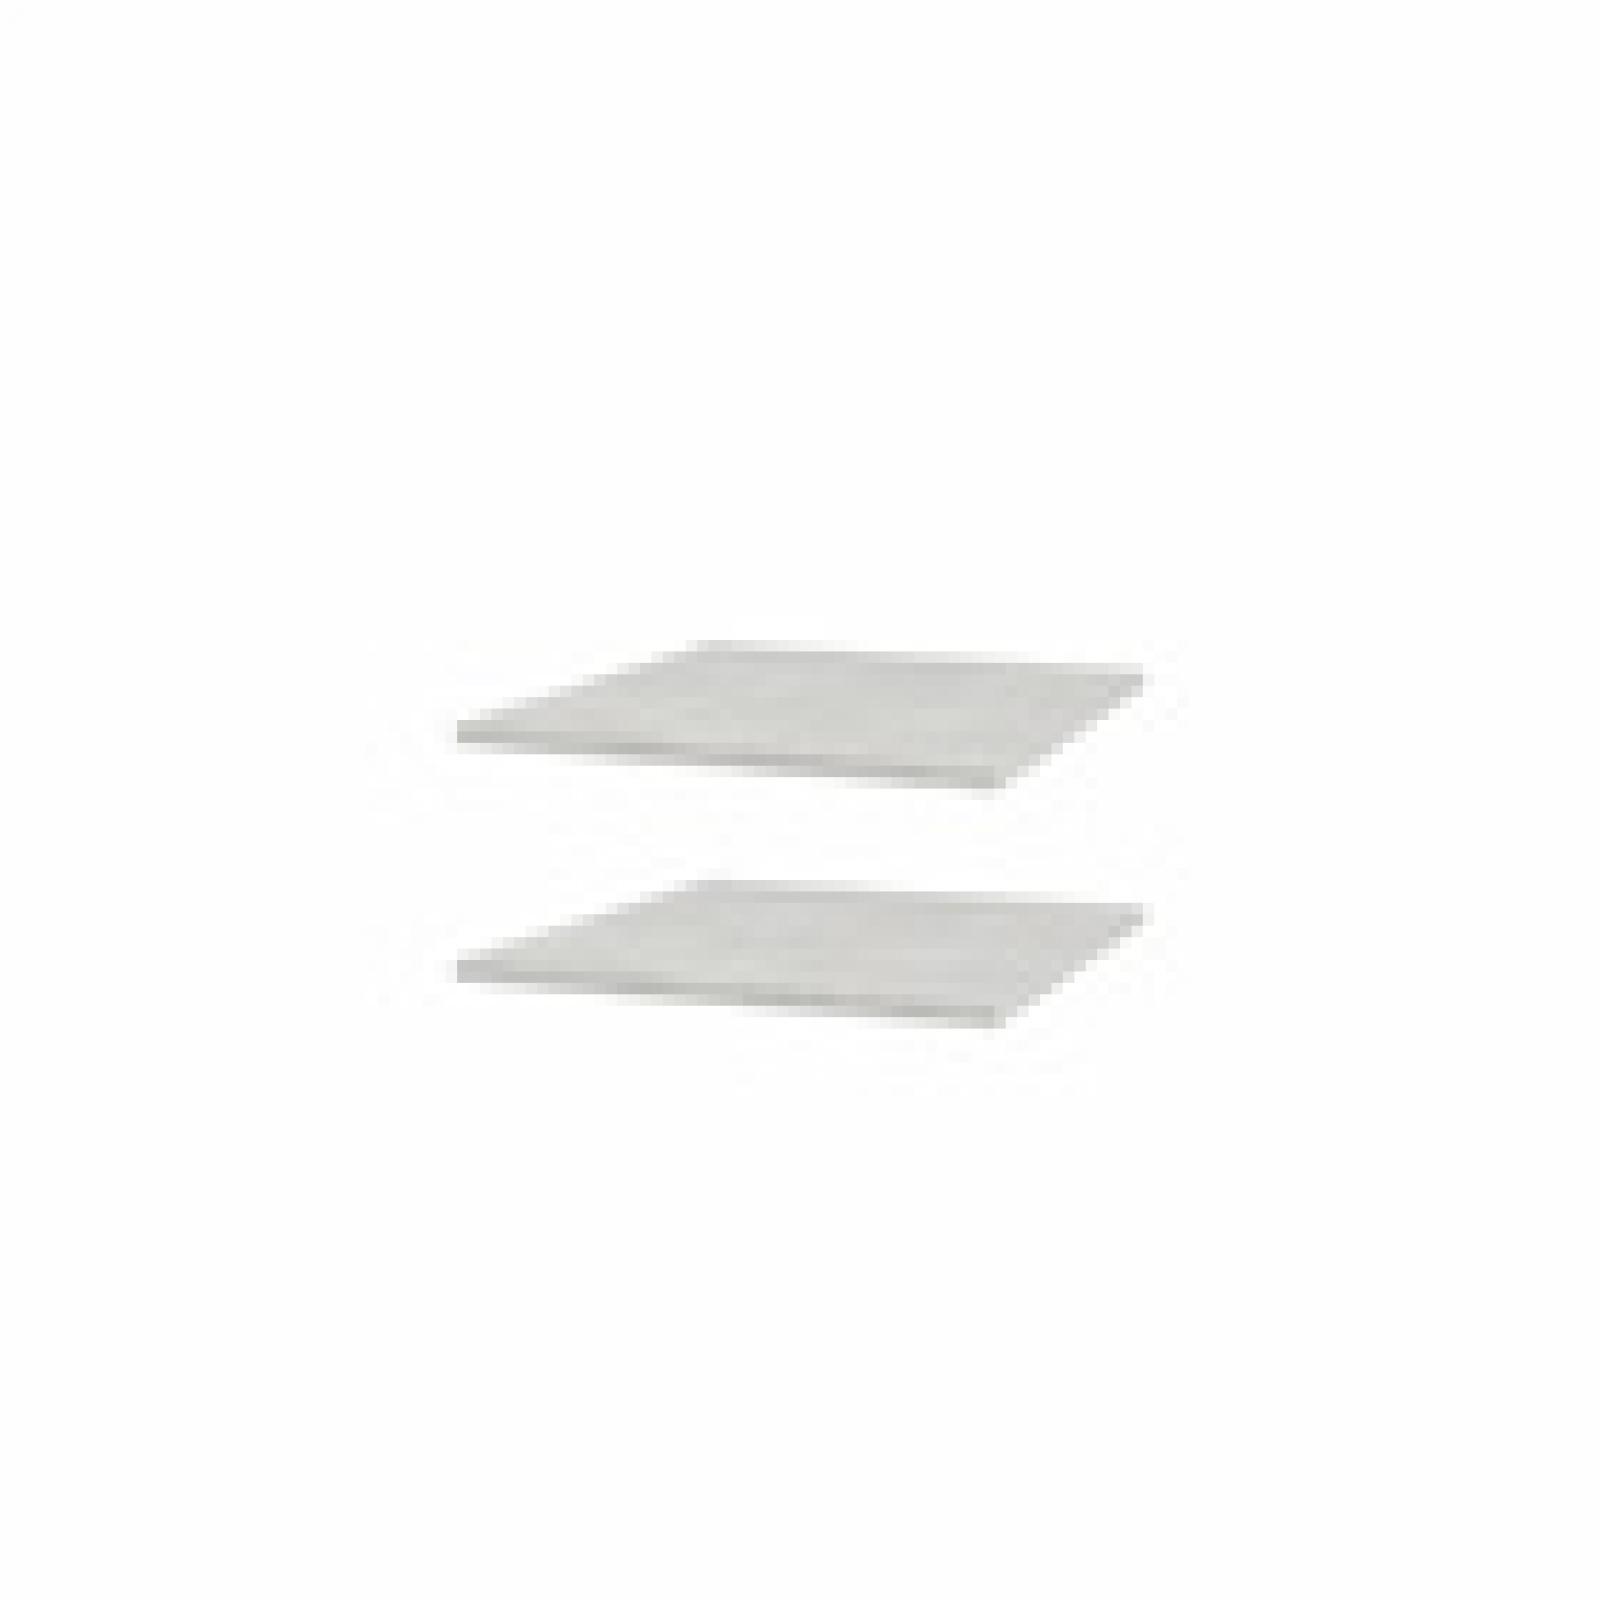 Ария Светлая Комплект полок для шкафа 2 дв. 701.2401-B - 1